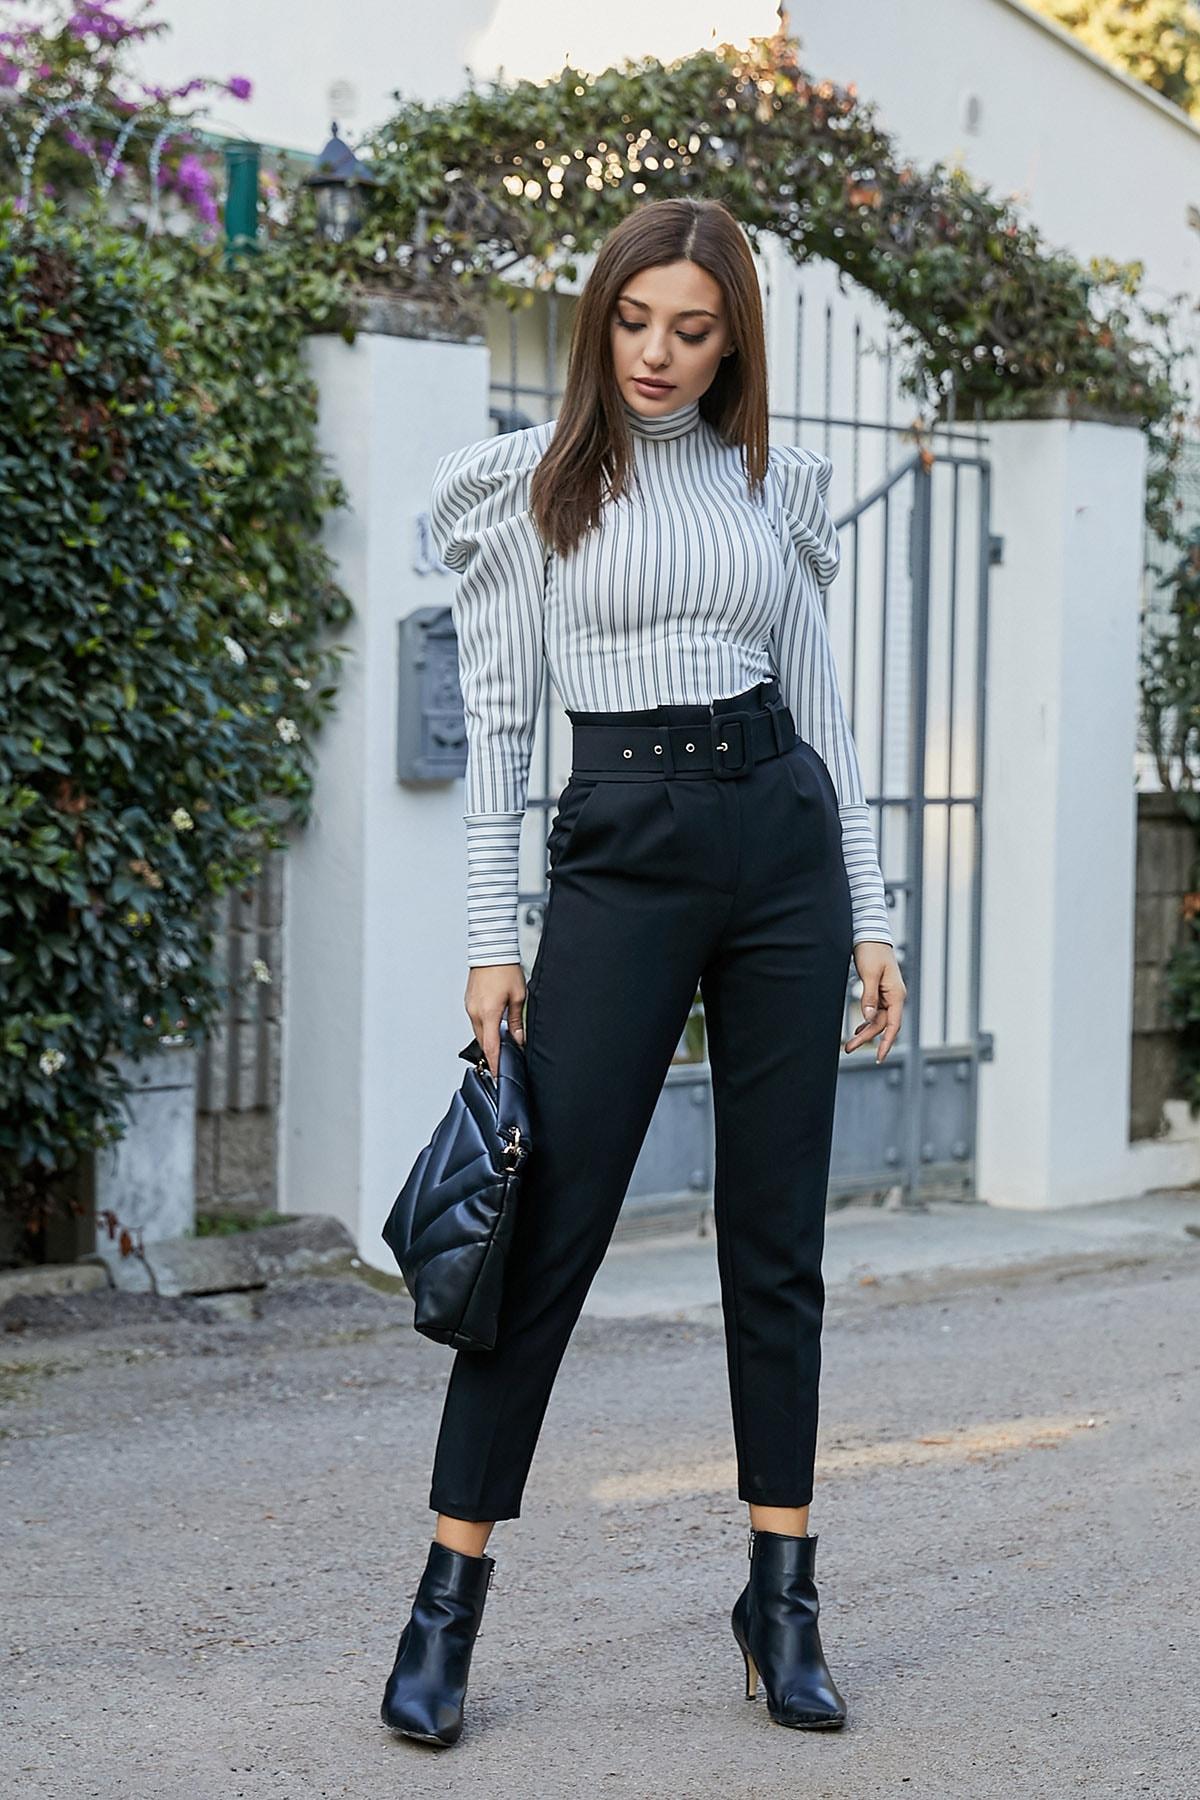 Sateen Kadın Siyah Kemerli Yüksek Bel Cigarette Pantolon 2